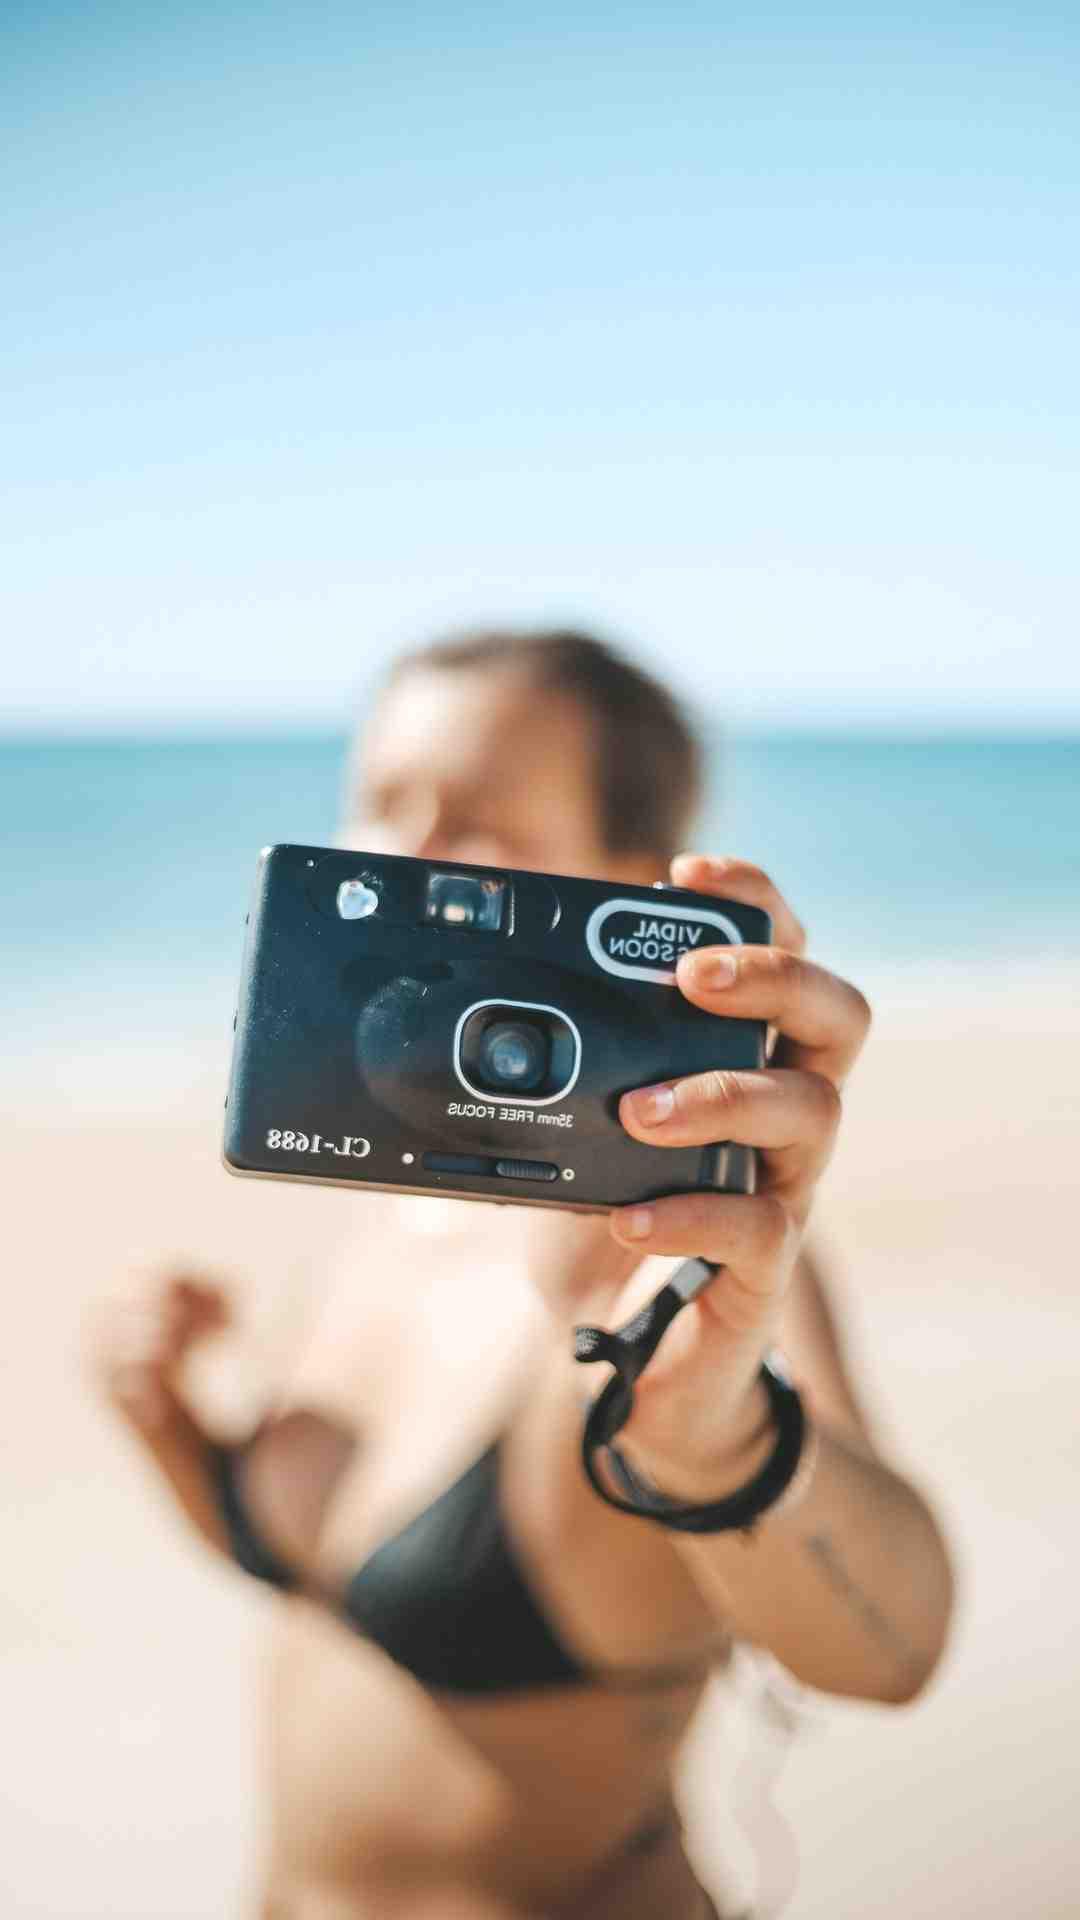 Comment forcer les photos gratuites?